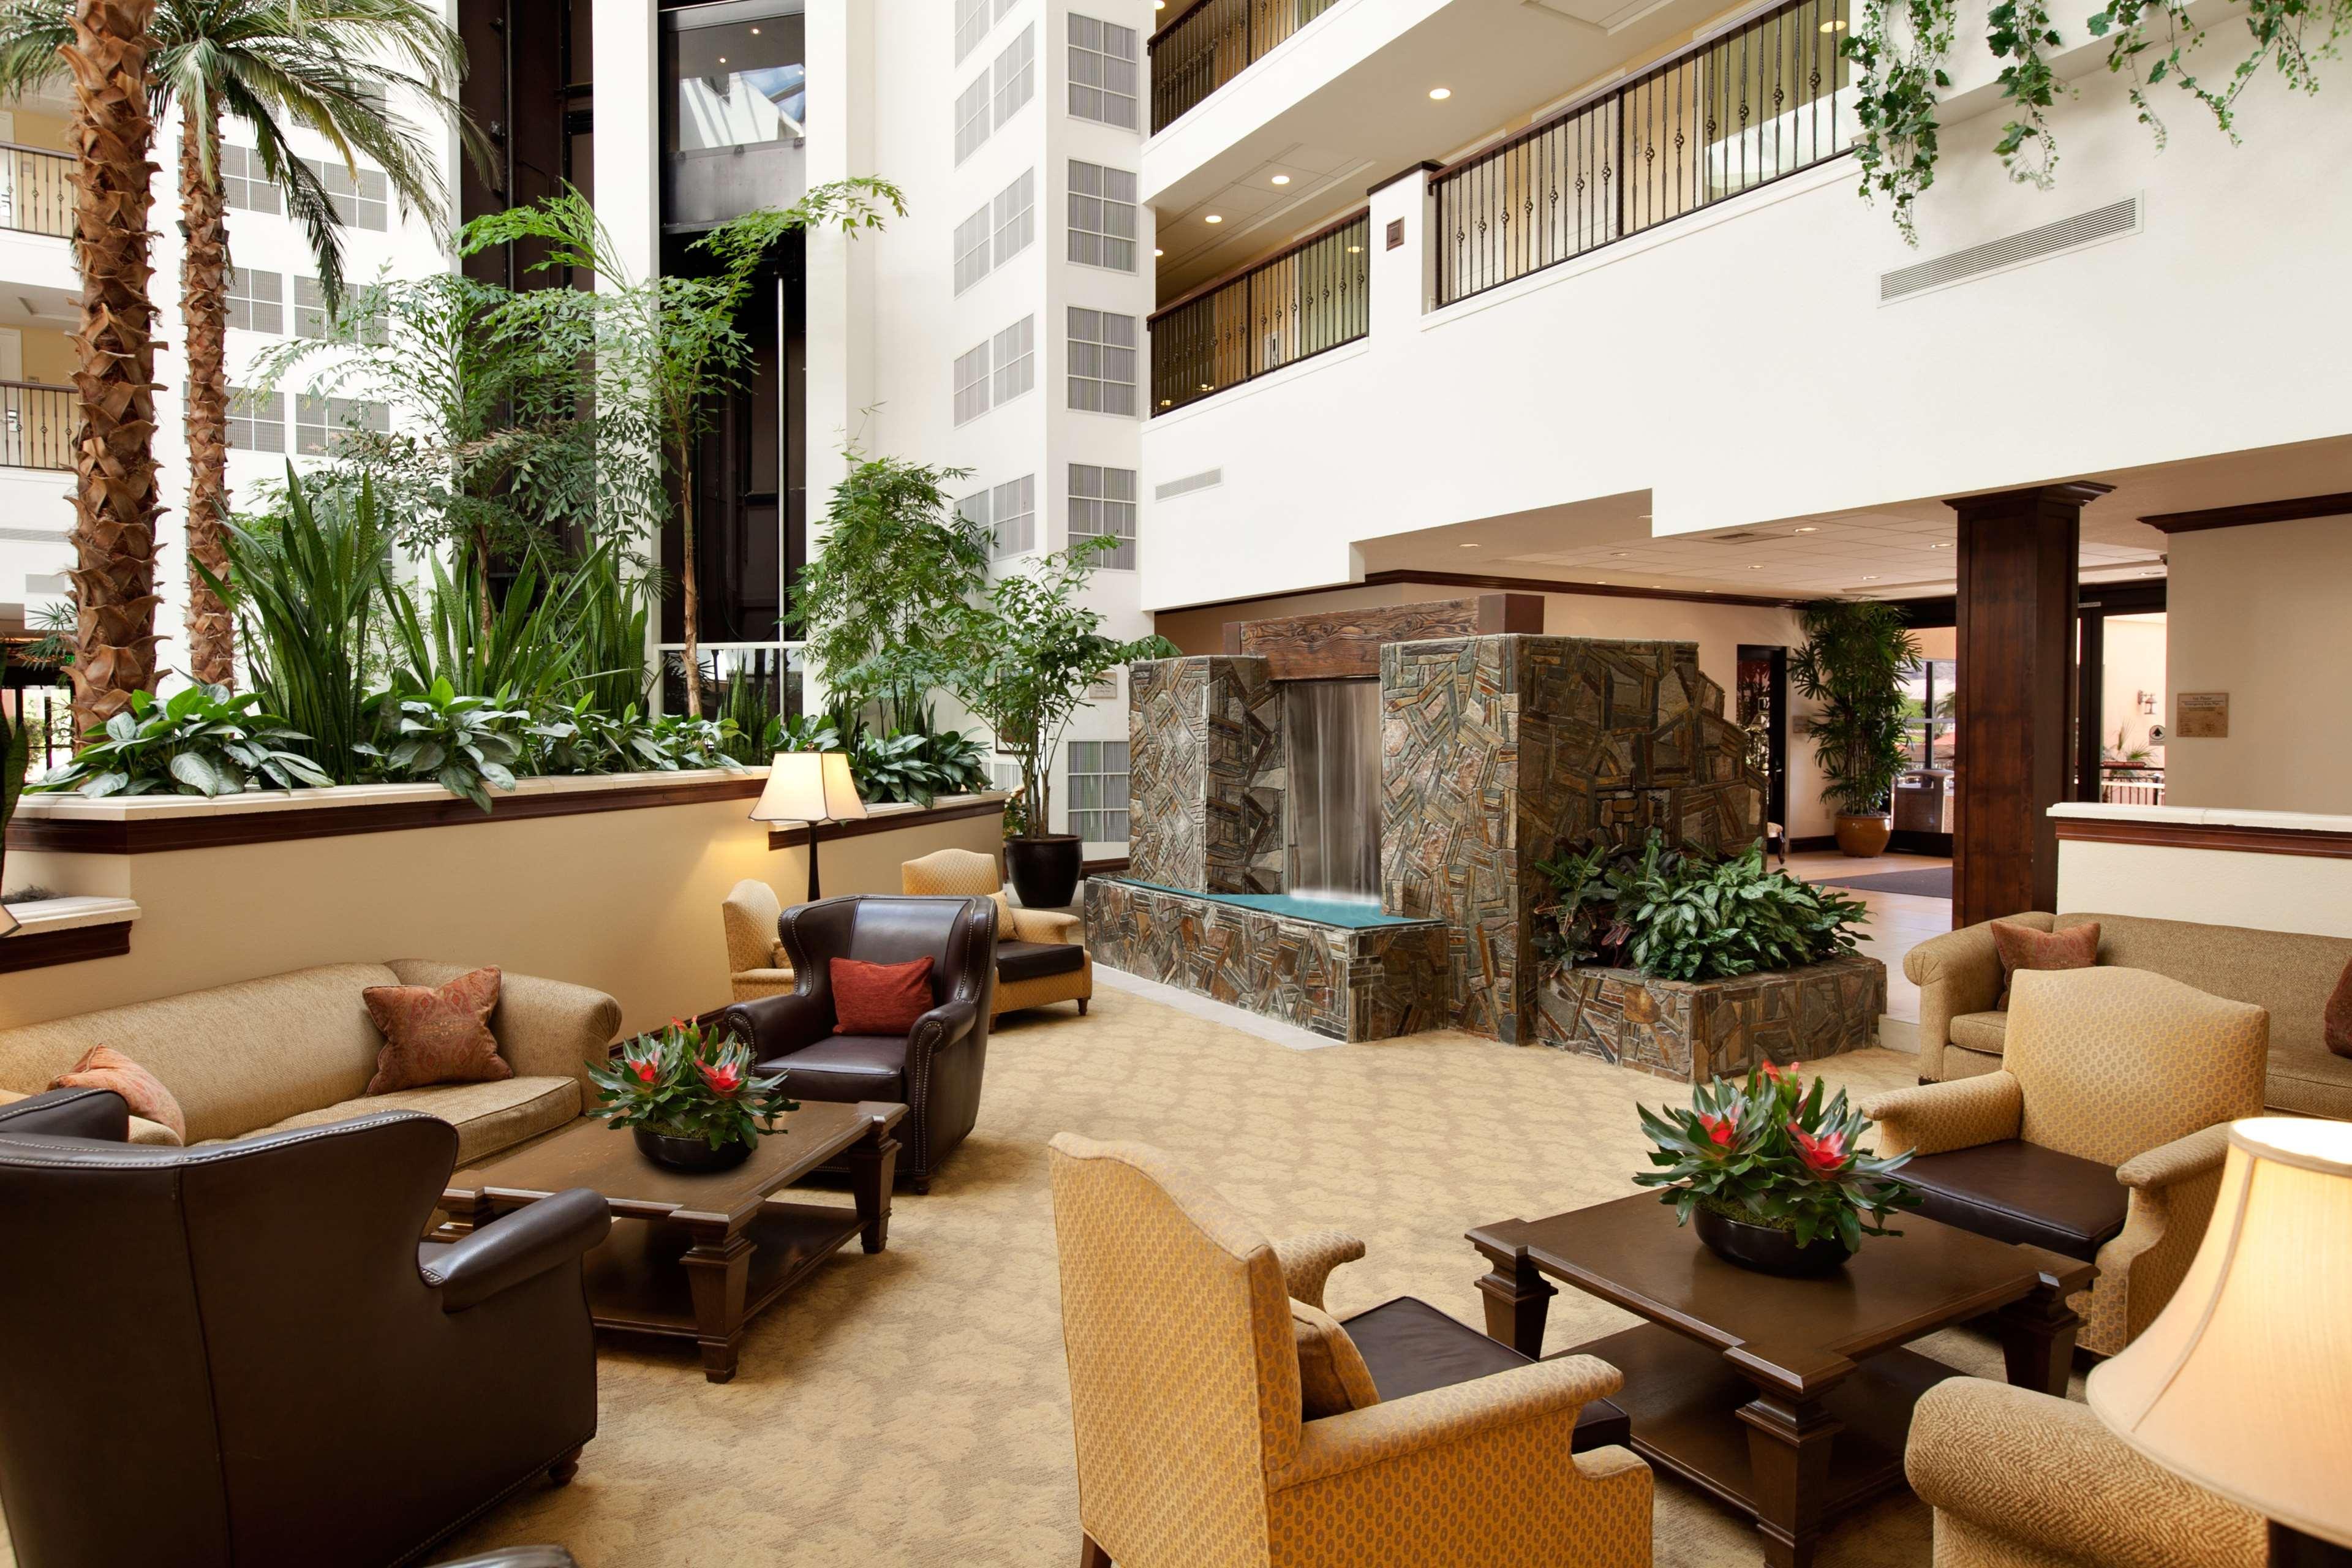 Embassy Suites by Hilton La Quinta Hotel & Spa image 7